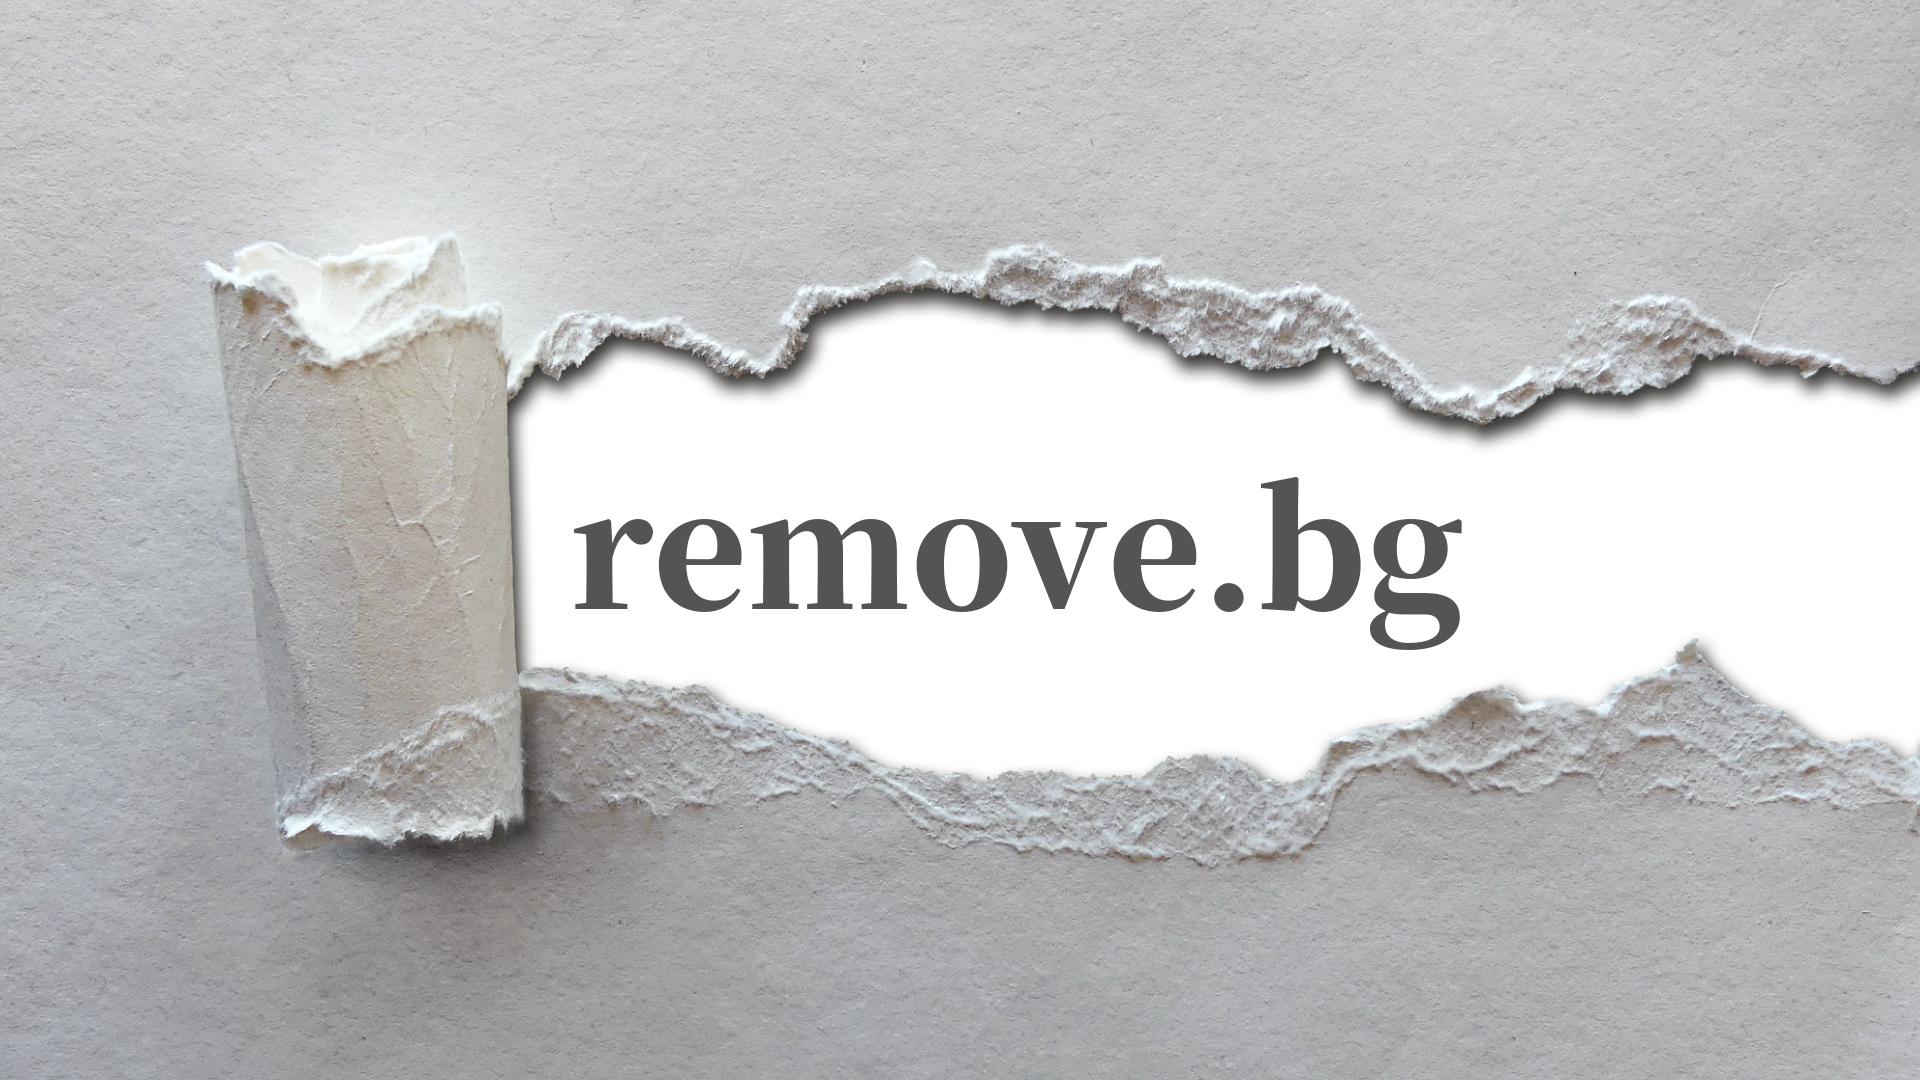 【5秒で完了】画像背景を無料で透過できる「remove.bg」を使ってみた